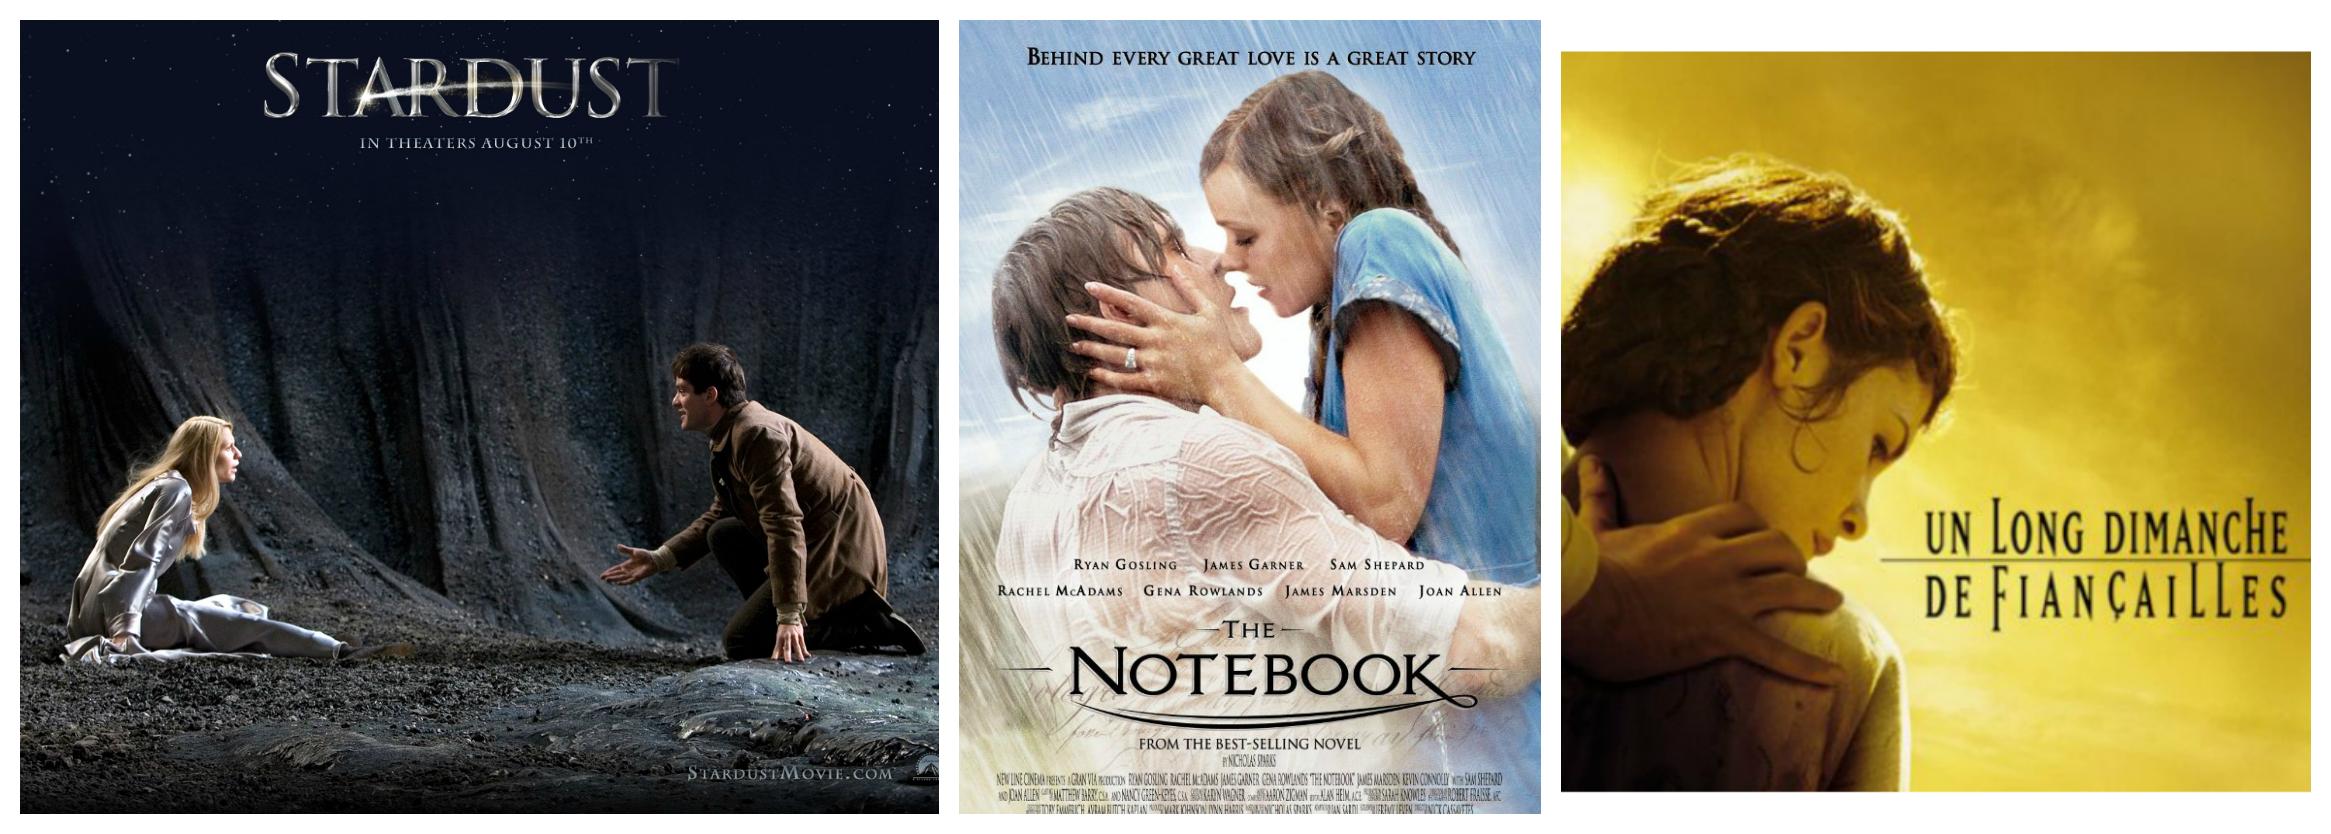 peliculas romanticas basadas en libros